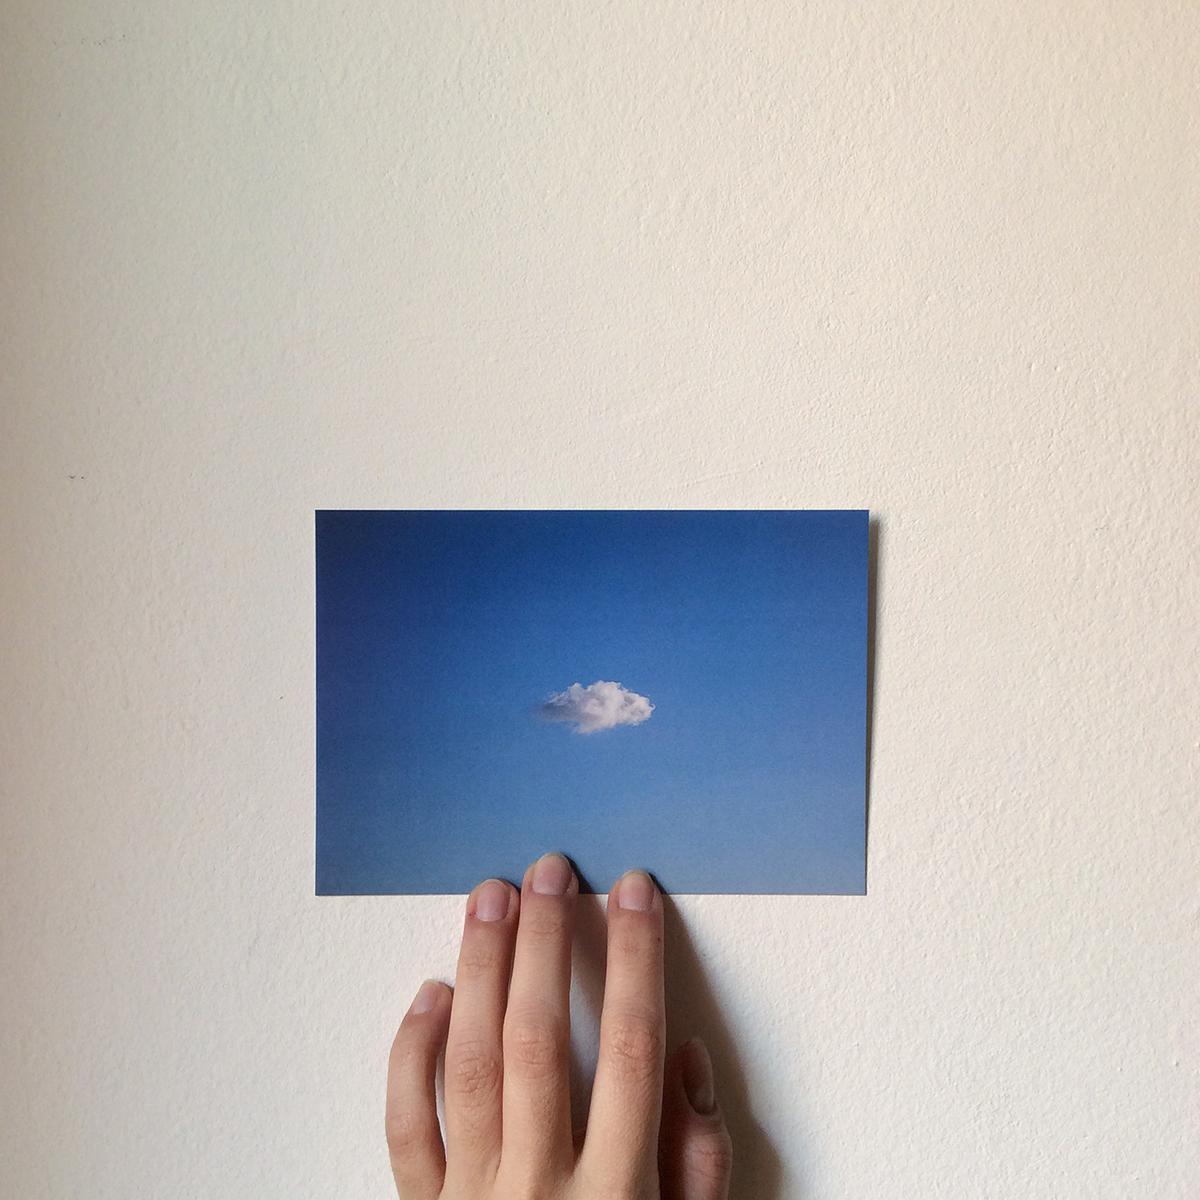 Photograph by Maria Daniella Quirós